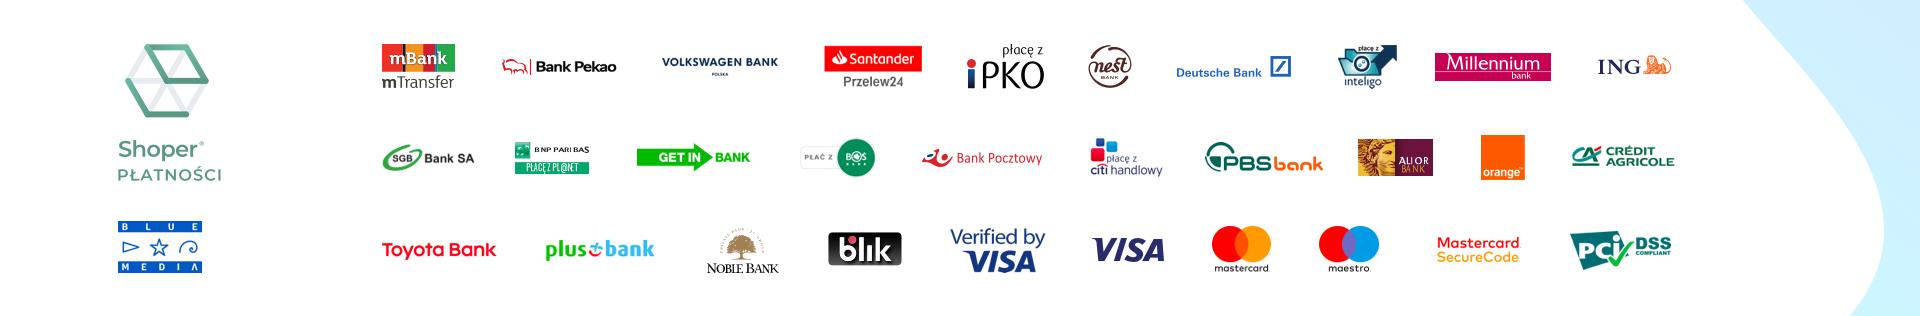 Shoper płatności lakieryhybrydowe.pl Cosmetics Zone